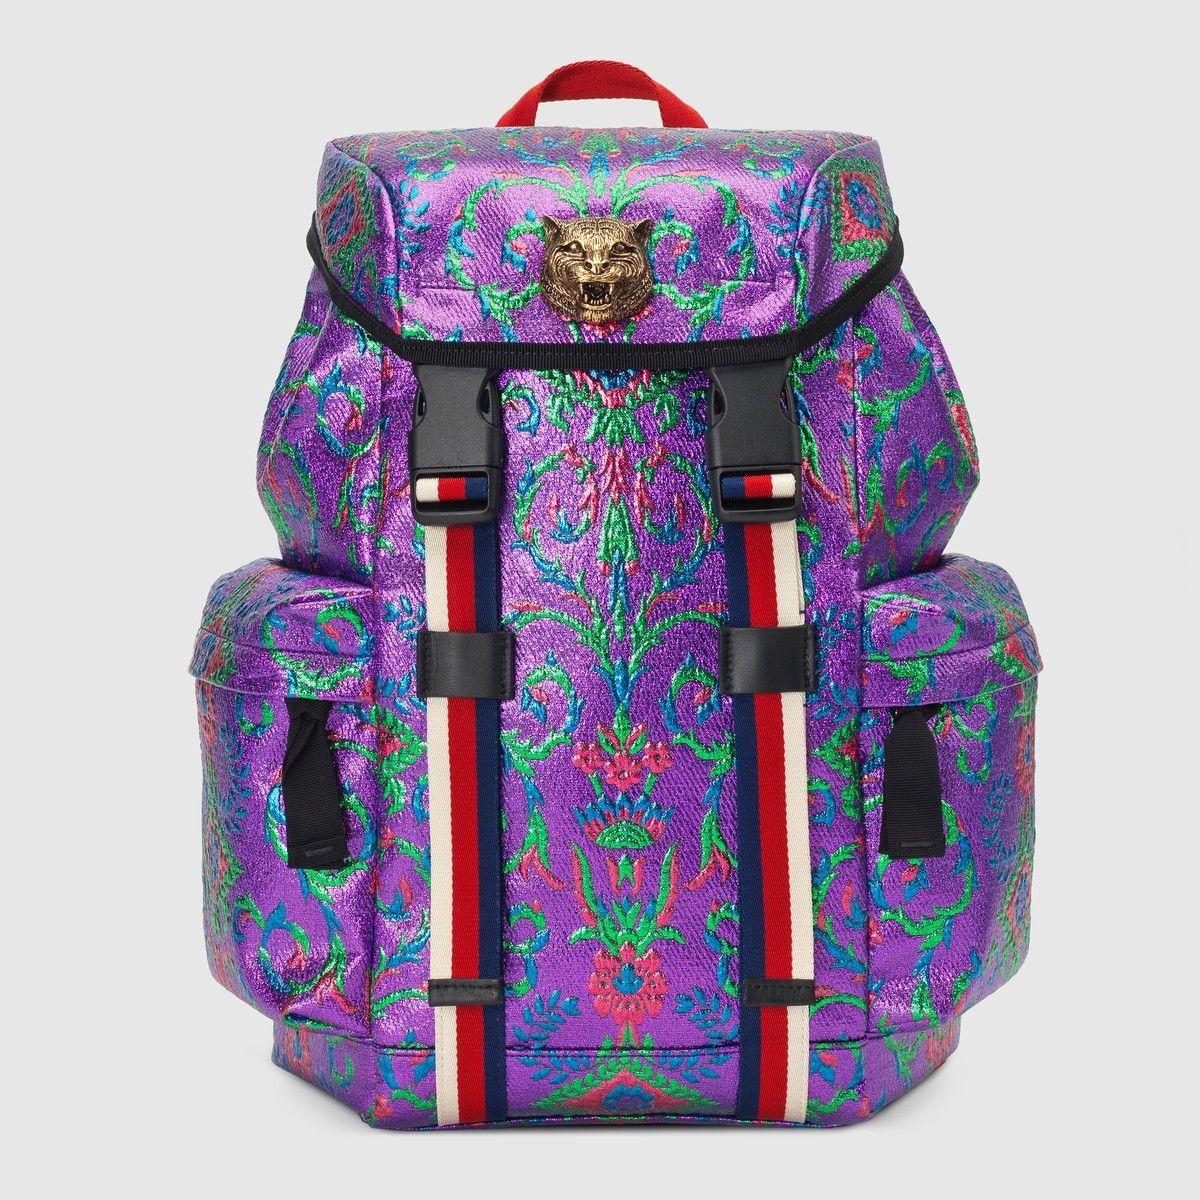 ee2403fa1ff5 GUCCI Multicolor brocade backpack - multicolor brocade.  gucci  bags   leather  lining  silk  backpacks